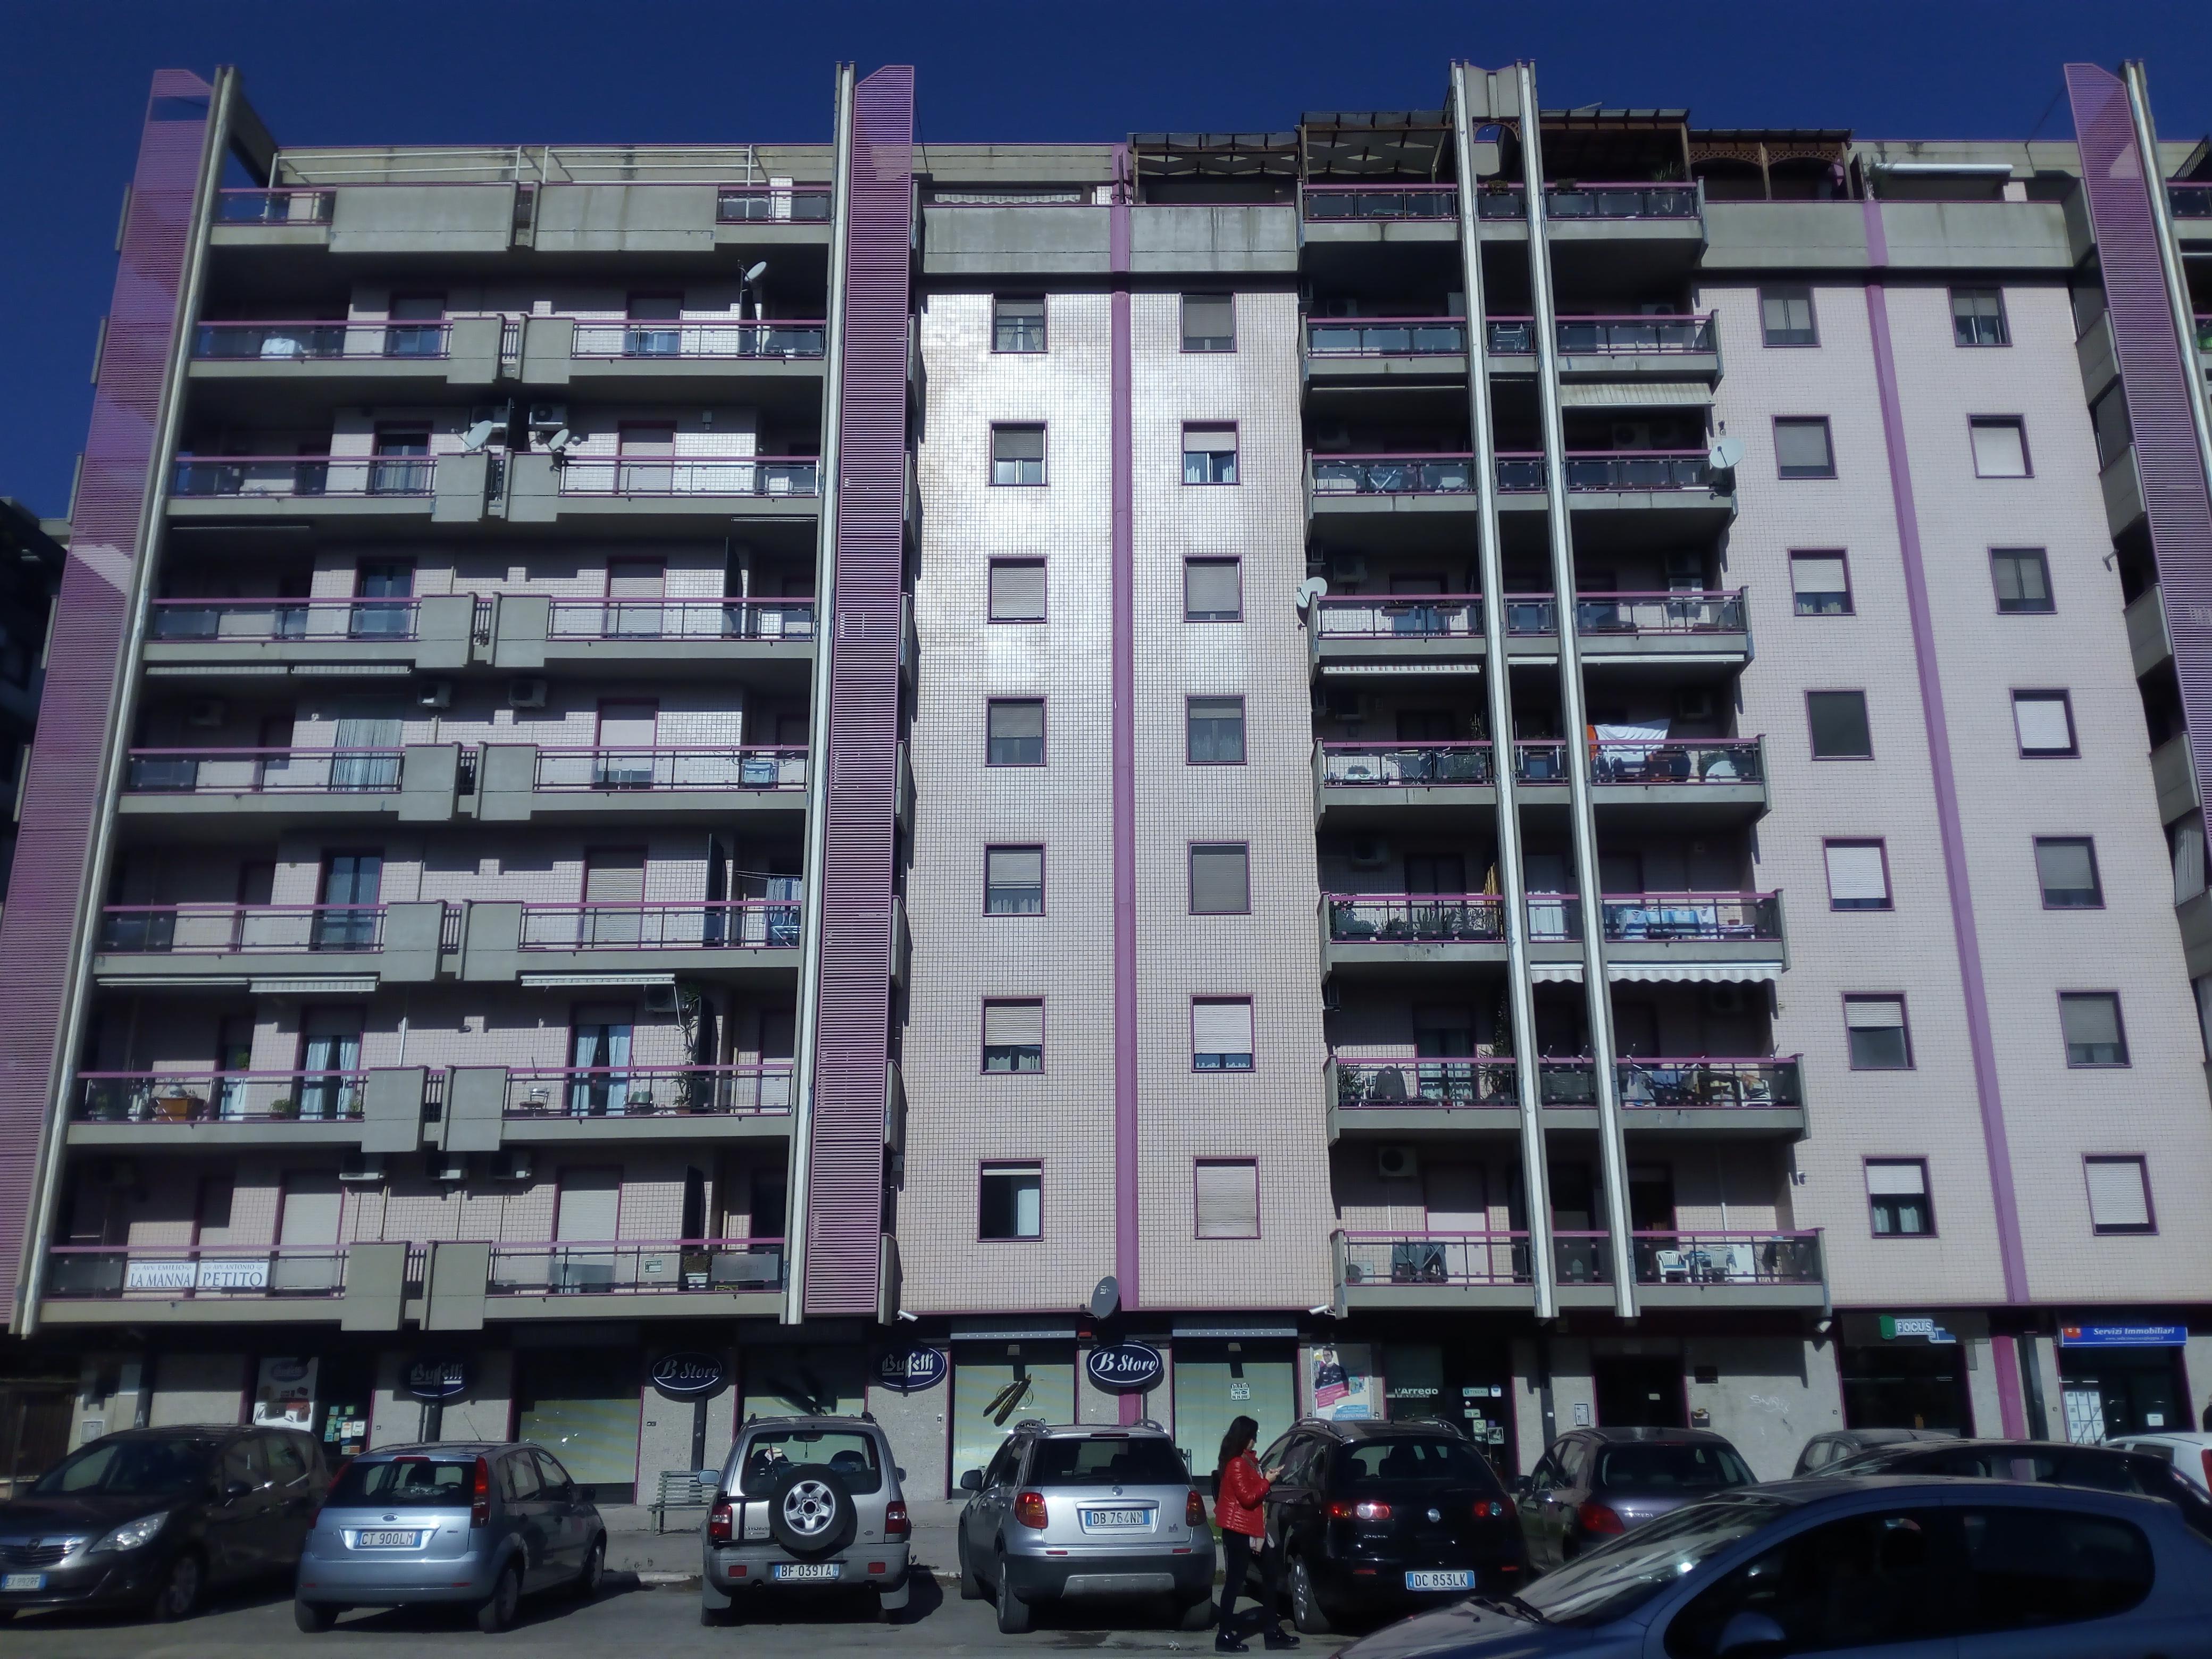 Appartamento in vendita a Foggia- Via Napoli ampio 3 vani accessori